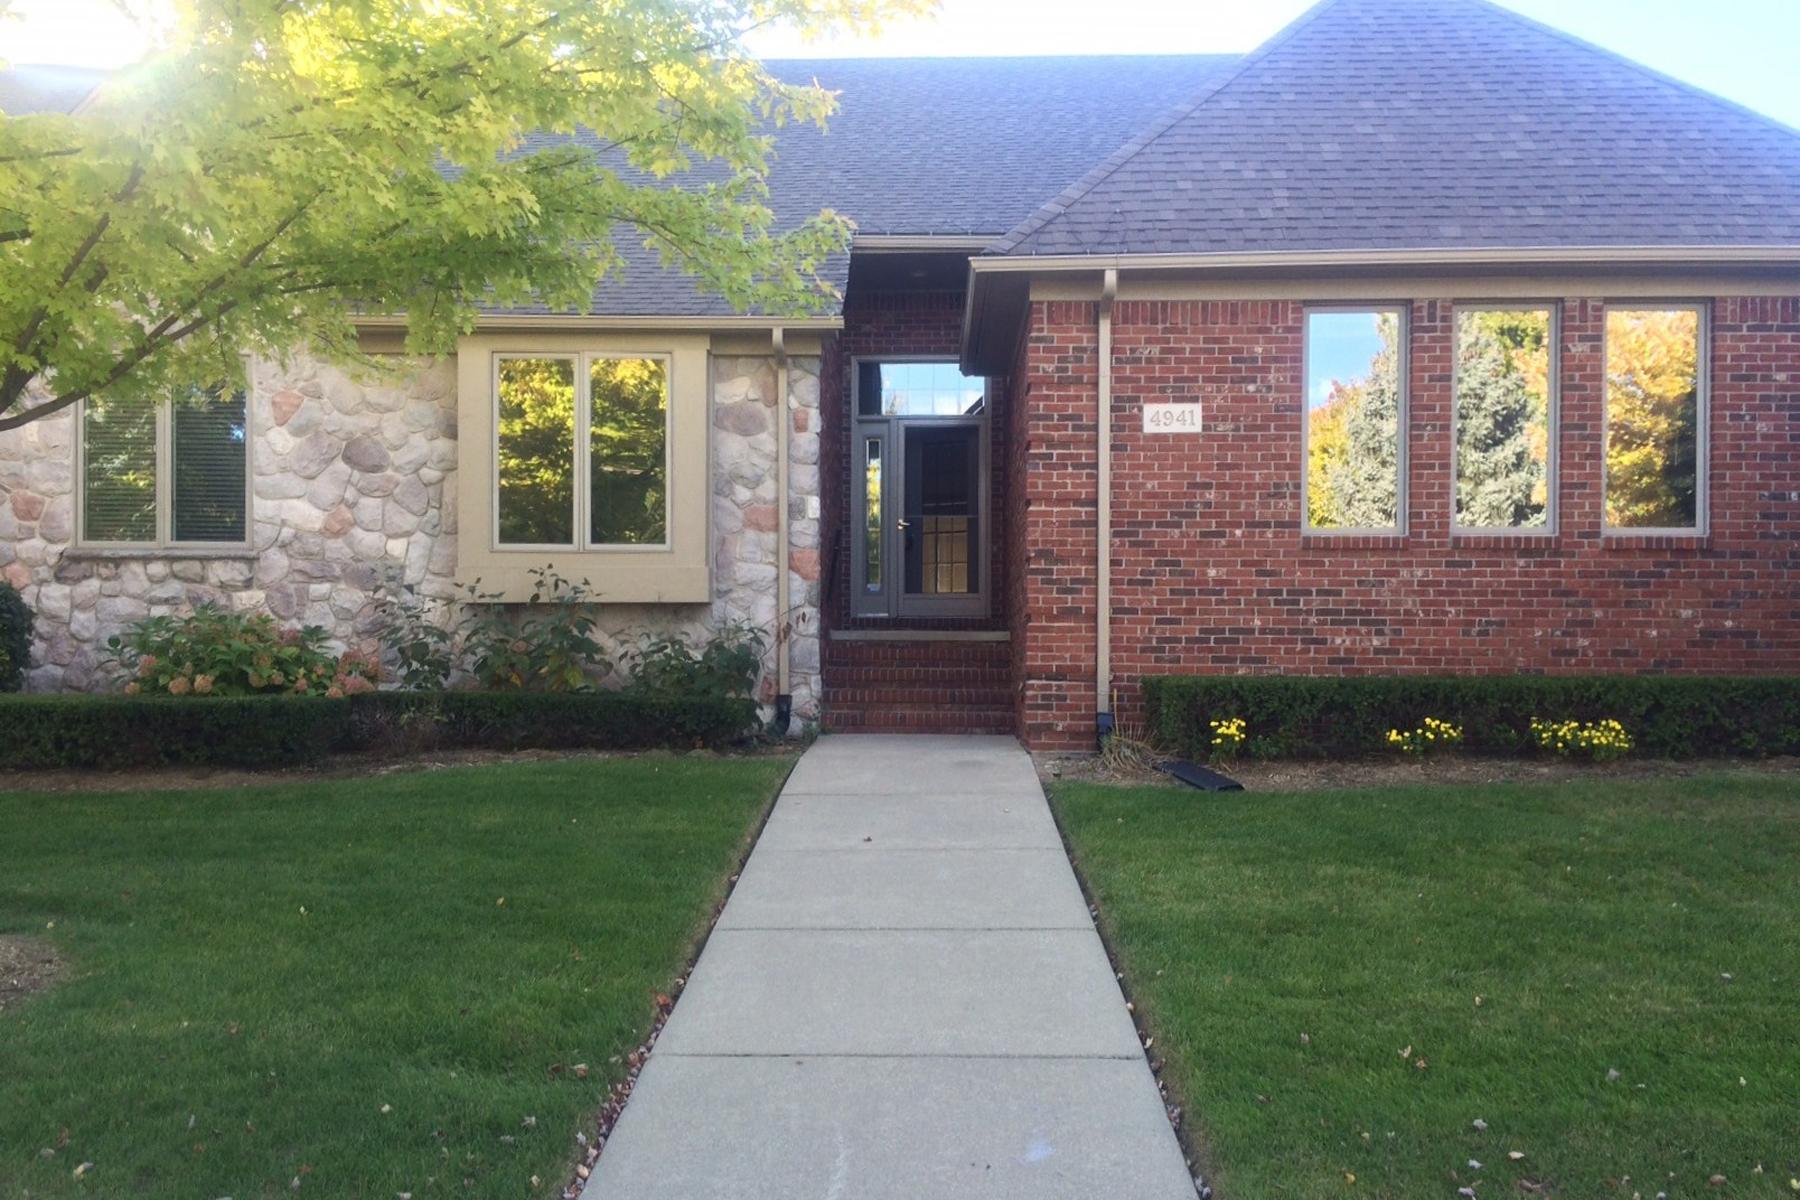 共管式独立产权公寓 为 销售 在 Washington Township 4941 Skyline Lane 华盛顿镇, 密歇根州, 48094 美国